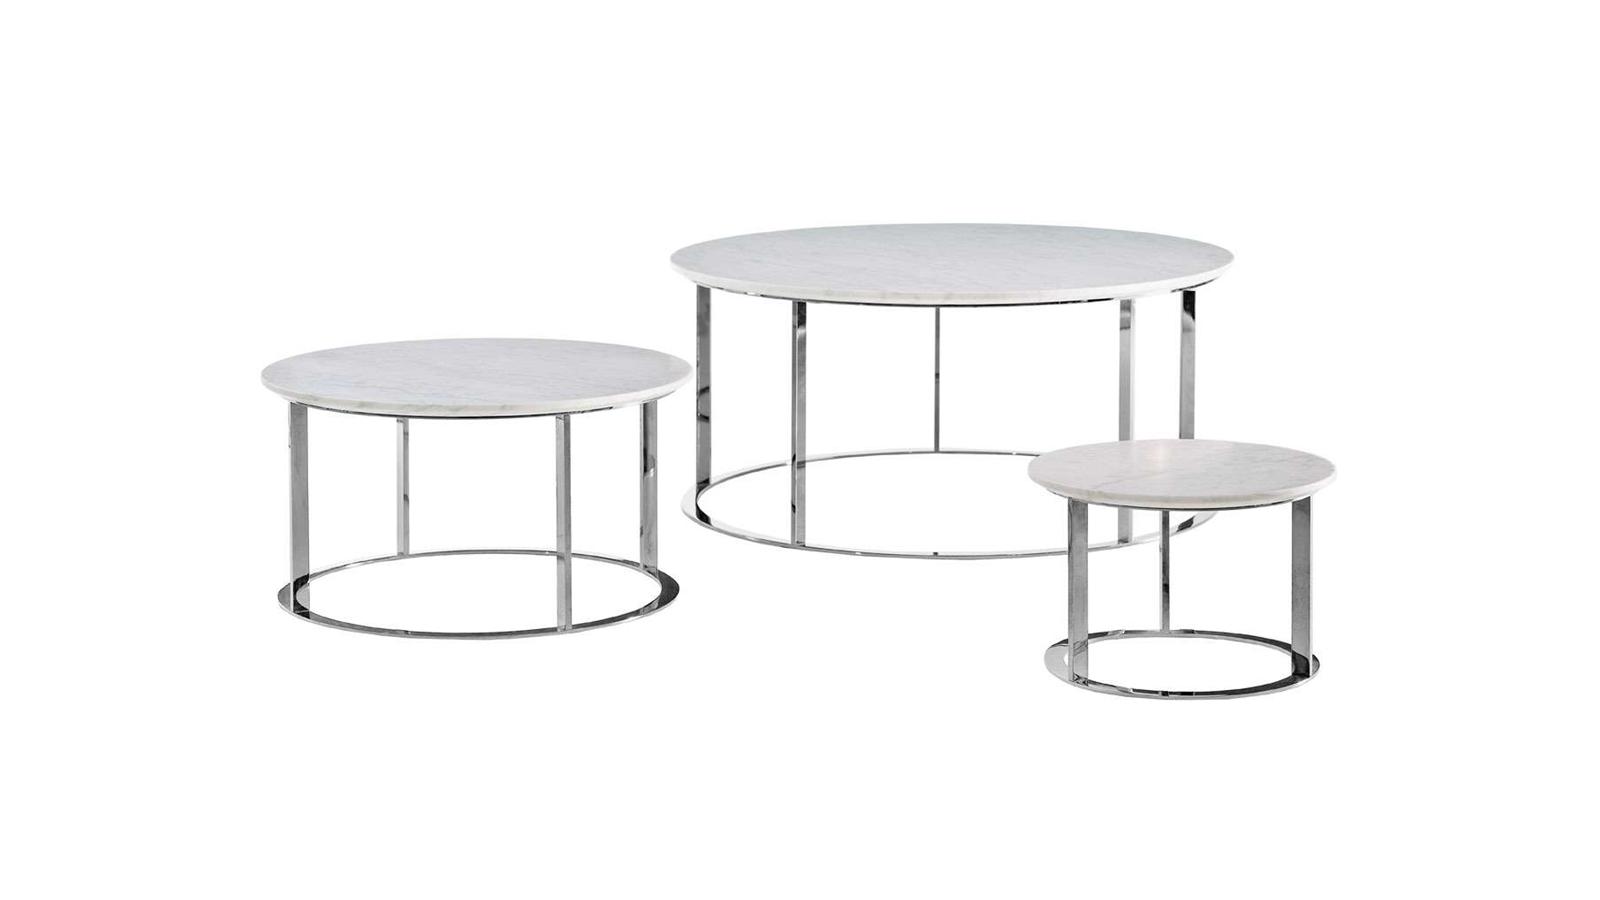 Antonio Citterio Mera asztala tökéletes kiegészítője lehet a legklasszikusabb és a legmodernebb fotelnek is. A két kör - a márványbevonatú asztallap és a lábak alatti körtámasz - harmonikus, szimmetrikus végeredményt hoznak létre. A visszafogott bútordarab minimális anyaghasználatának köszönhetően belesimul a térbe, a mindennapos használat körforgásának természetes résztvevője lesz. Antonio Cittero ismét bebizonyítja, hogy egy tárgynak nem kell különcnek lennie ahhoz, hogy magas minőségű design jöjjön létre.